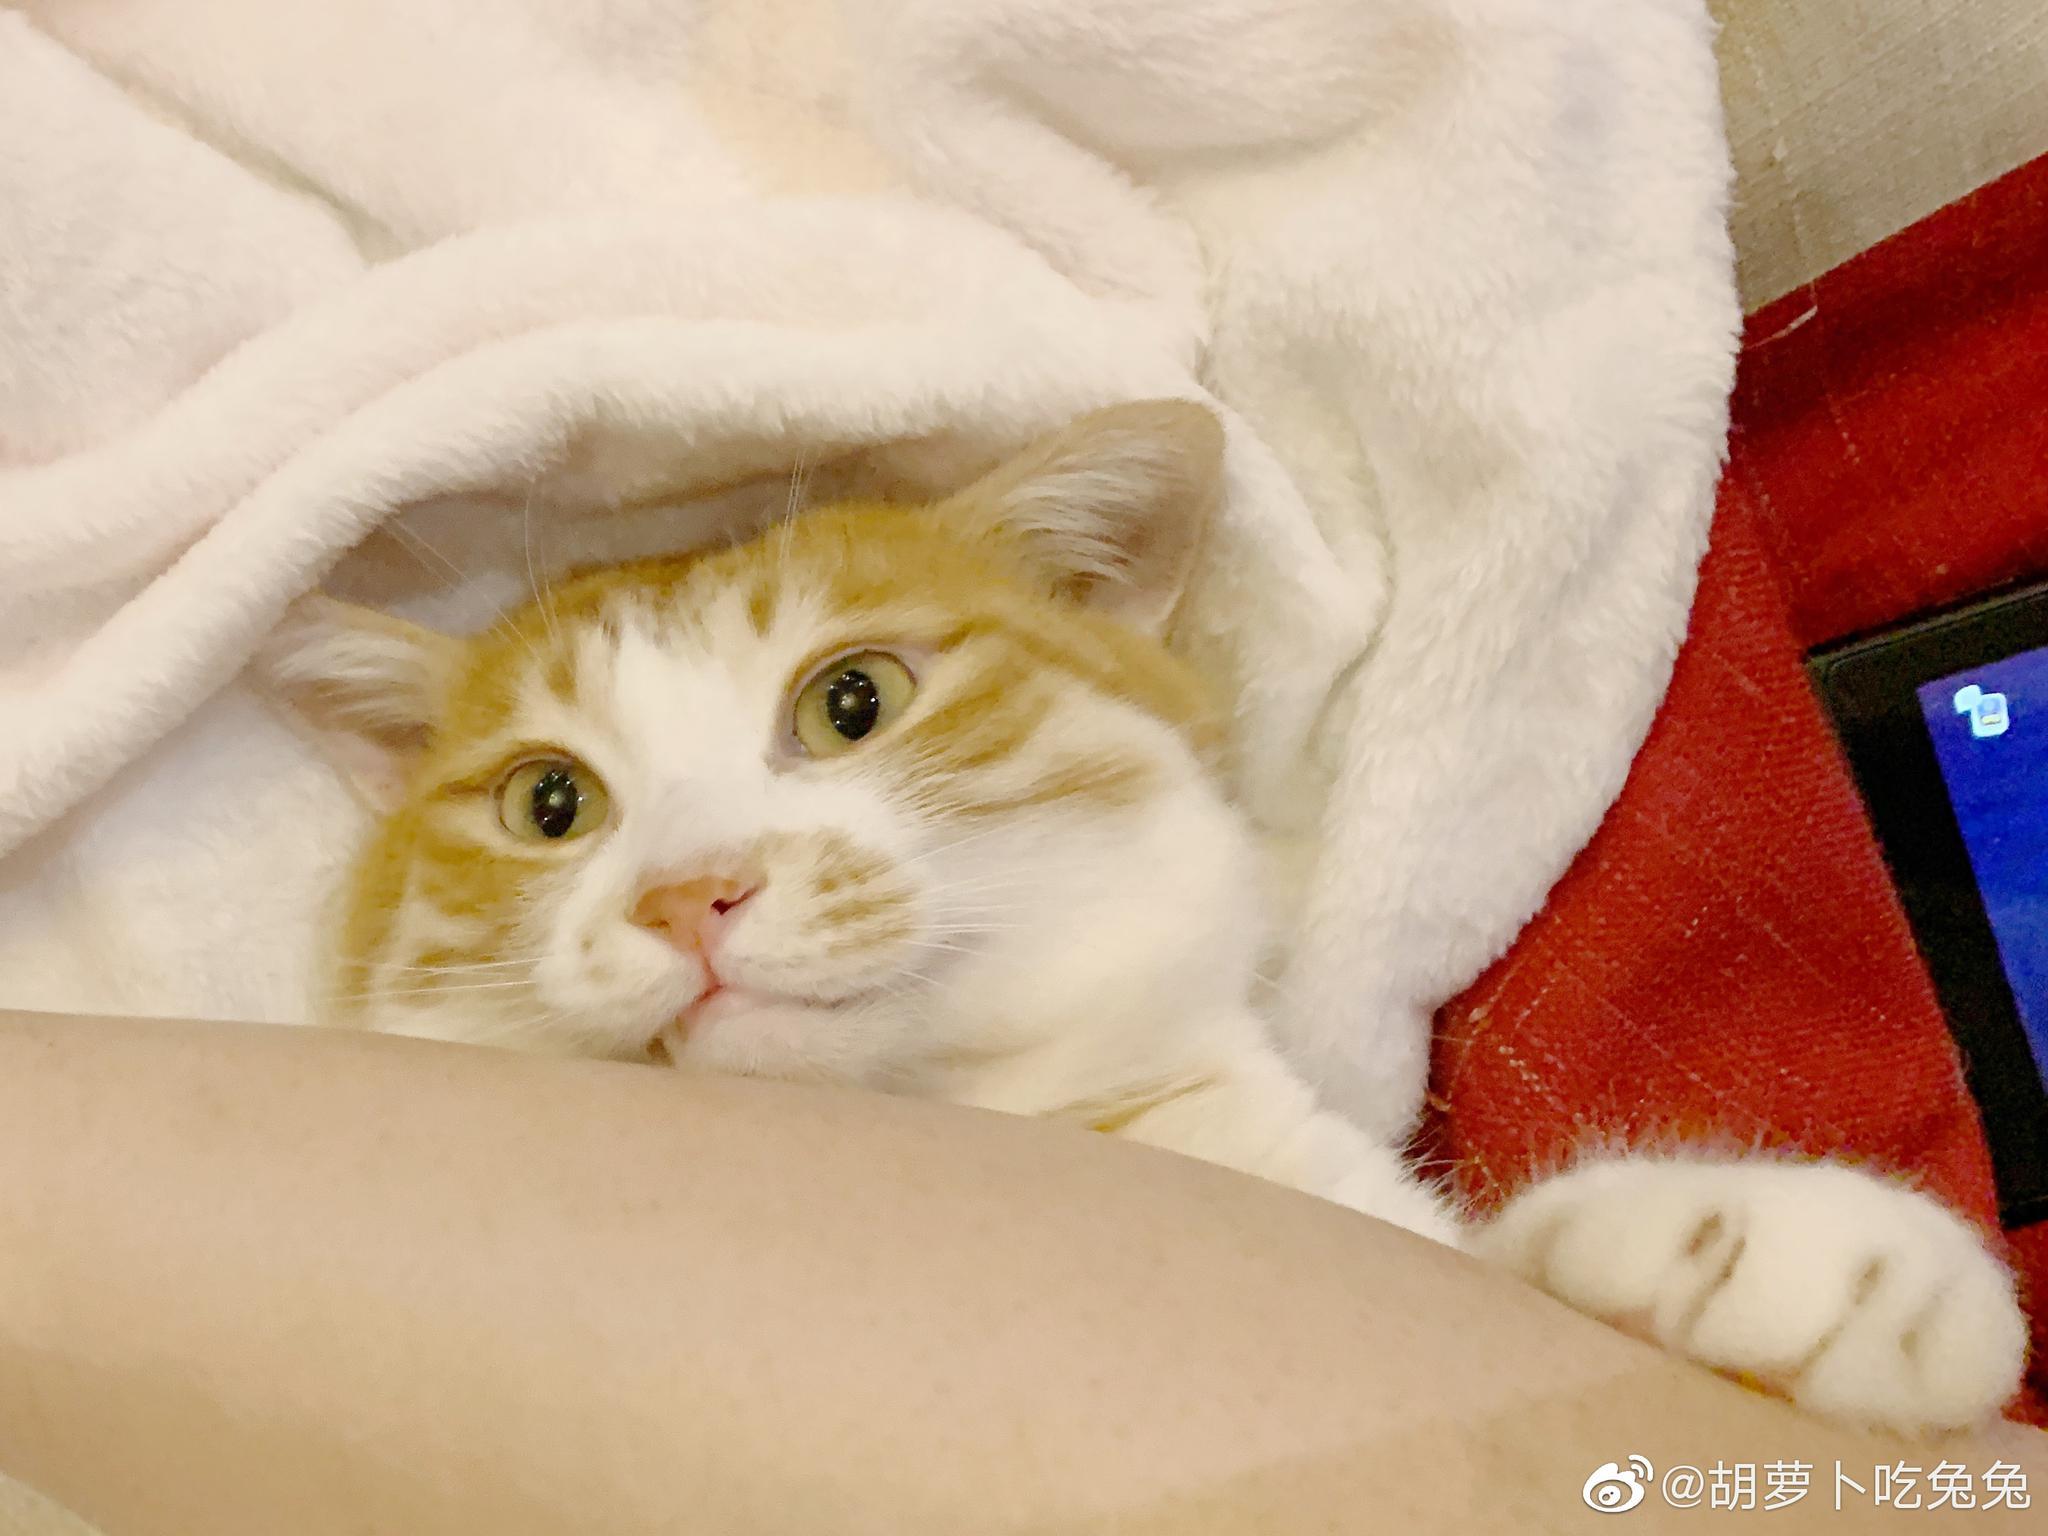 新入的jio垫,舒服,就是充电麻烦,电量低的时候噪音大。